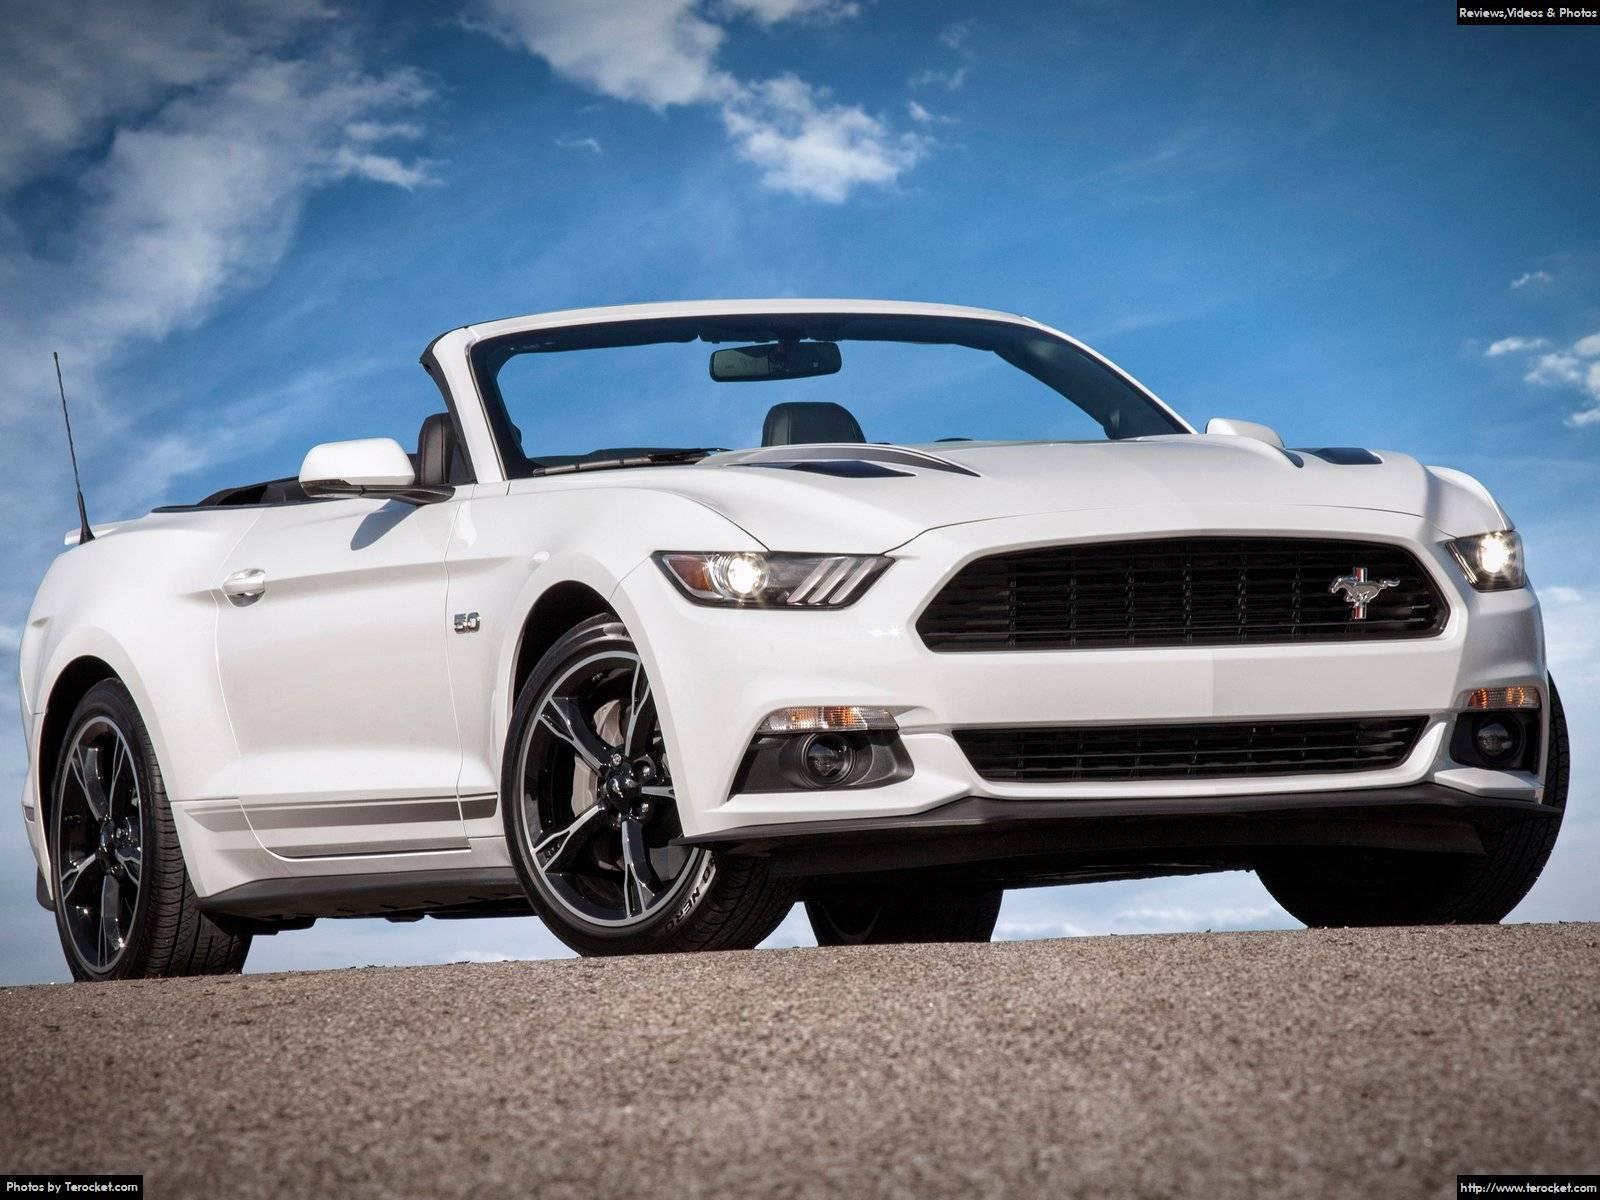 Ford Mustang 2016 dường như thanh tao và nhẹ nhàng hơn các bản tiền nhiệm